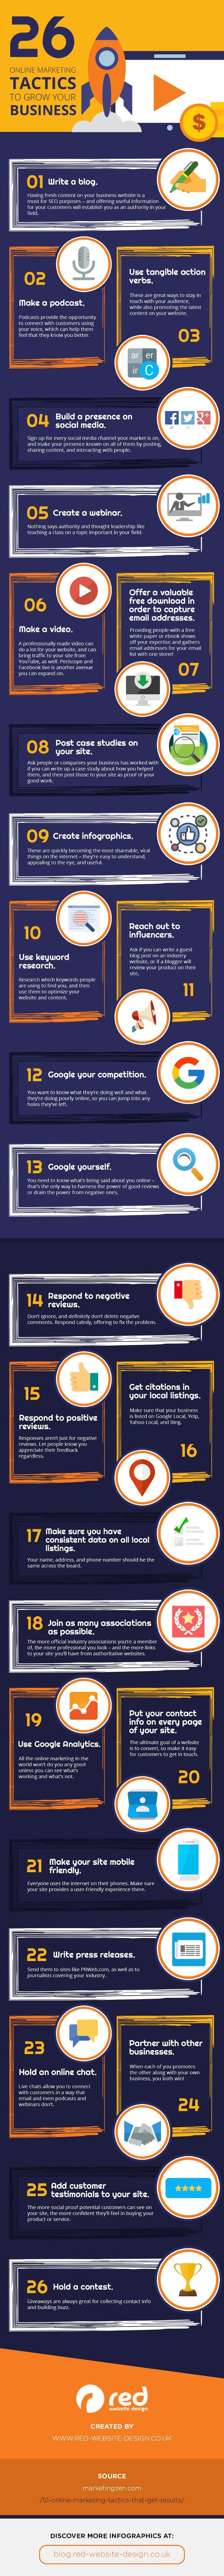 26 wertvolle Online Marketing Strategien für spürbar mehr Reichweite